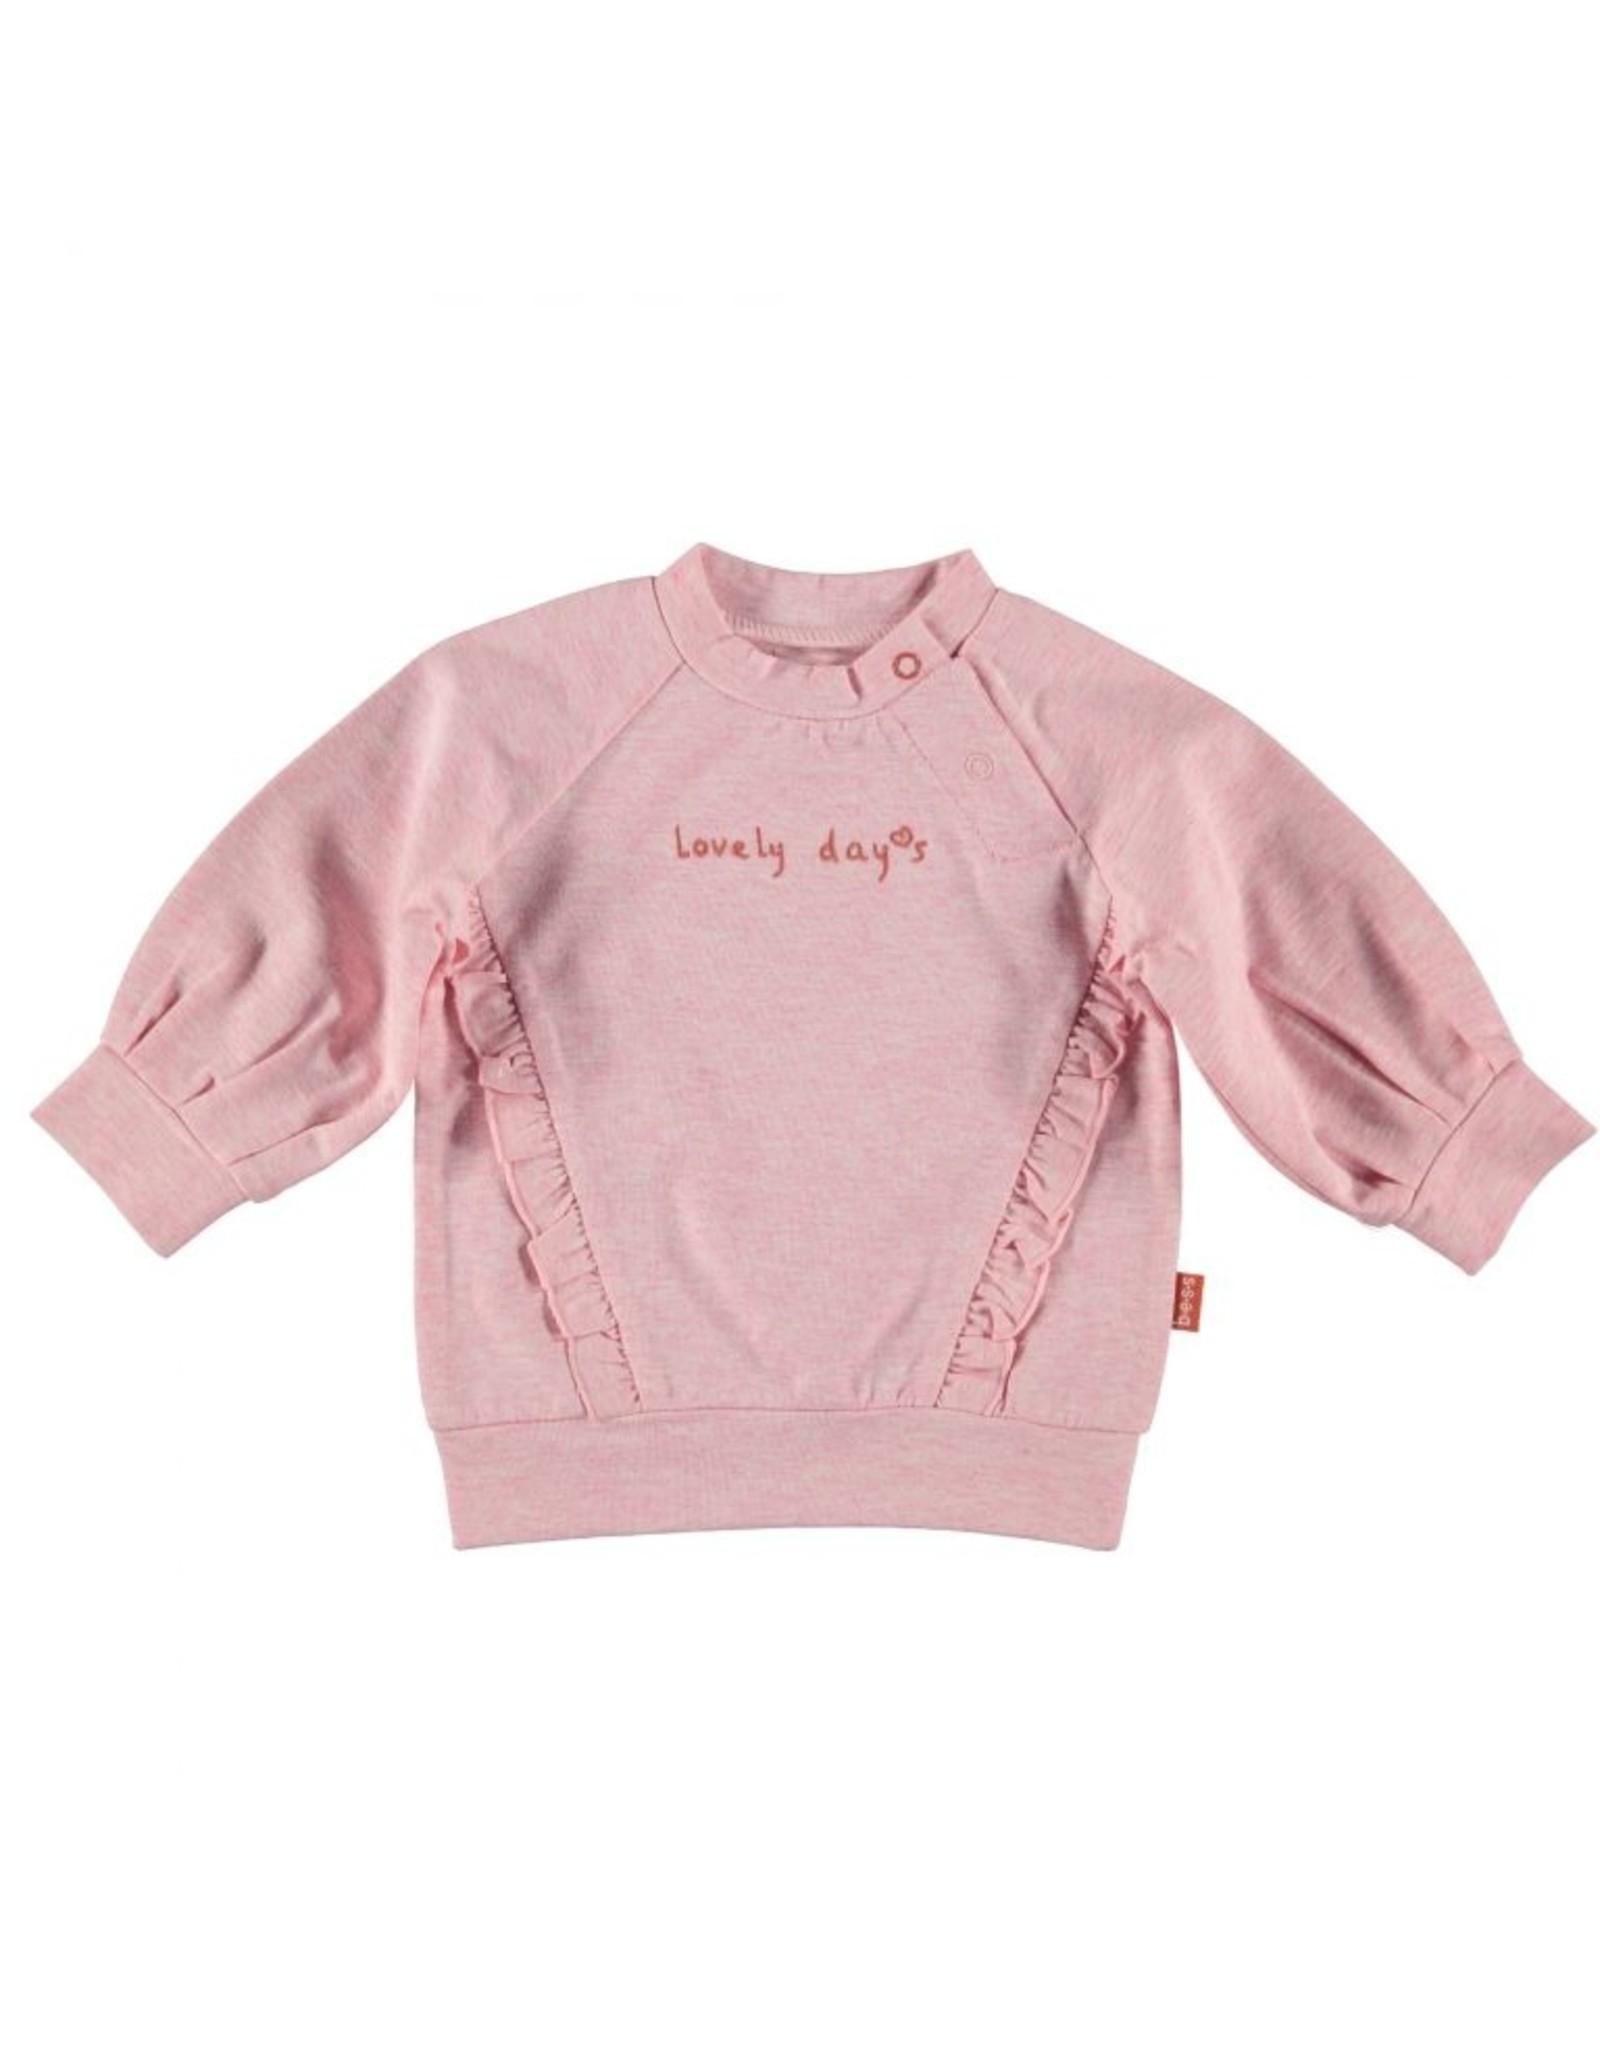 BESS Bess Sweater Lovely Days Ruffles Pink